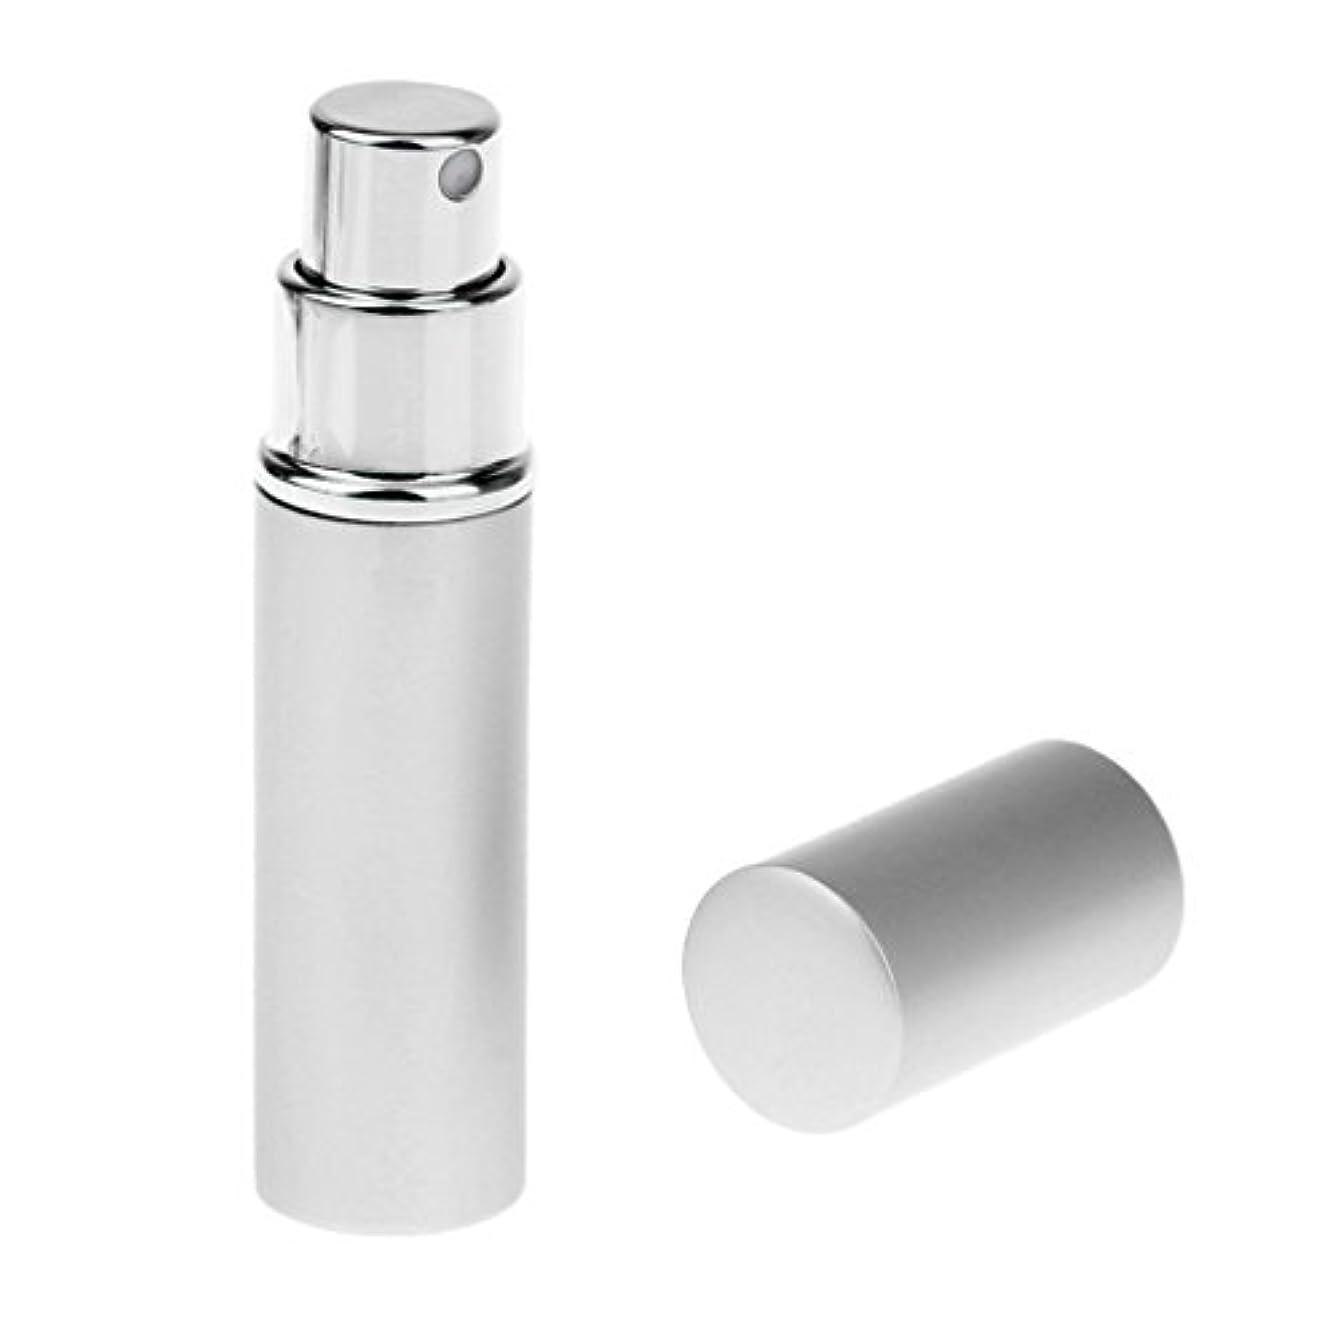 市の中心部返還乳白Kesoto 男女兼用 詰め替え可能 ポータブル アルミ ガラス製 香水アトマイザー 空ボトル ポンプ 全4色 - 銀色